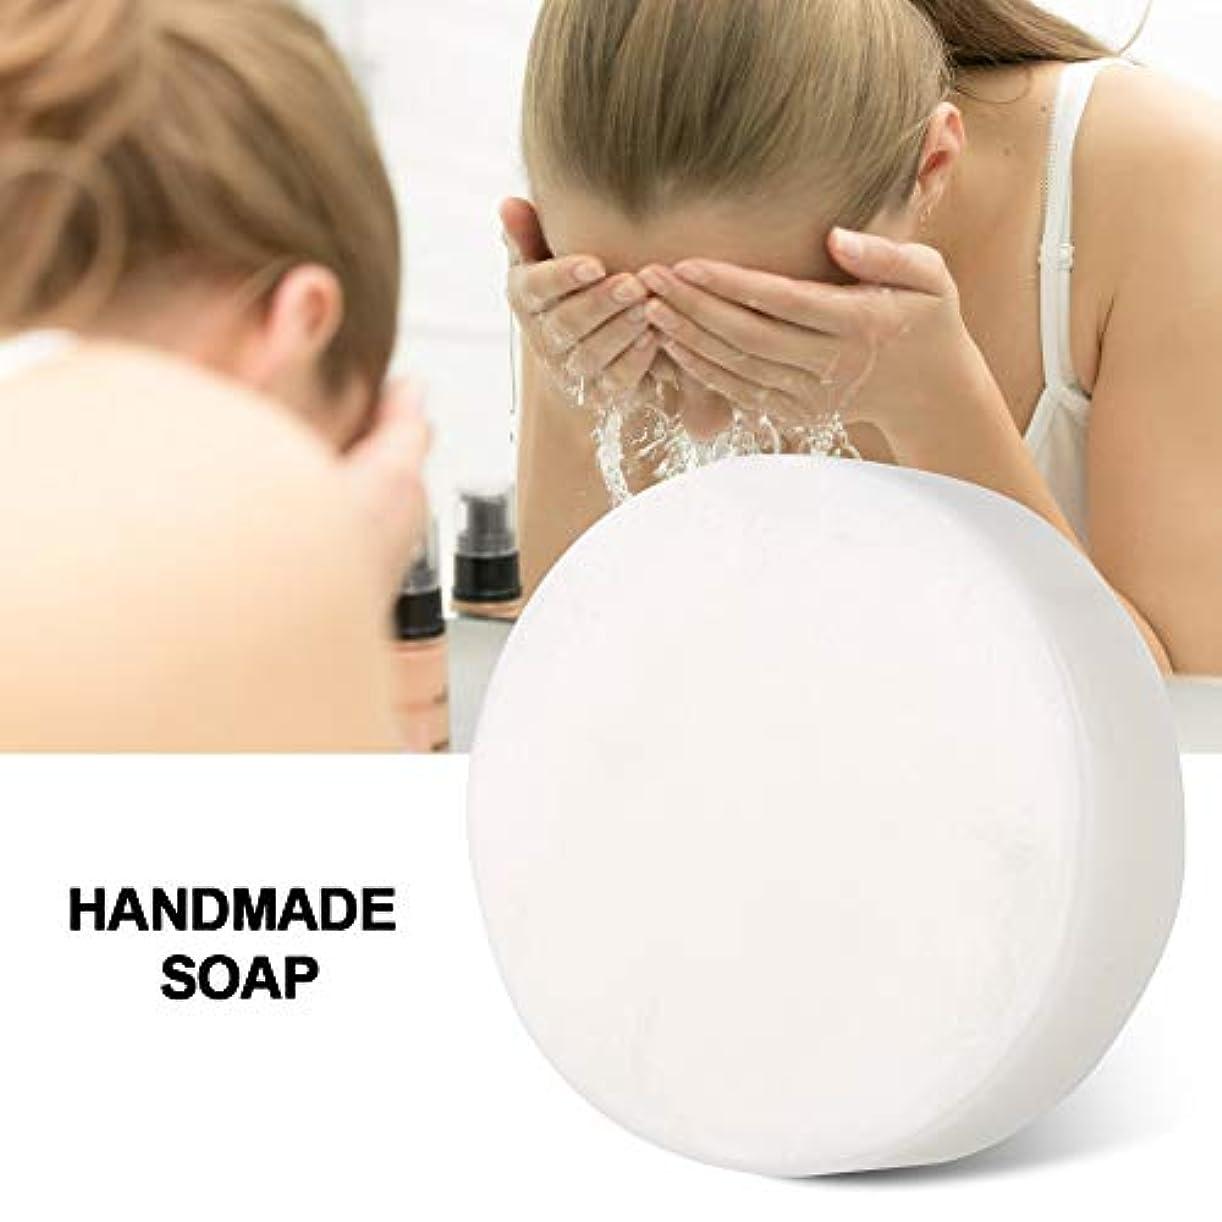 免疫微生物顔料石鹸 手作り 保湿栄養 手作りマイルド 刺激なし 手作り 石鹸 スキンケア(01)